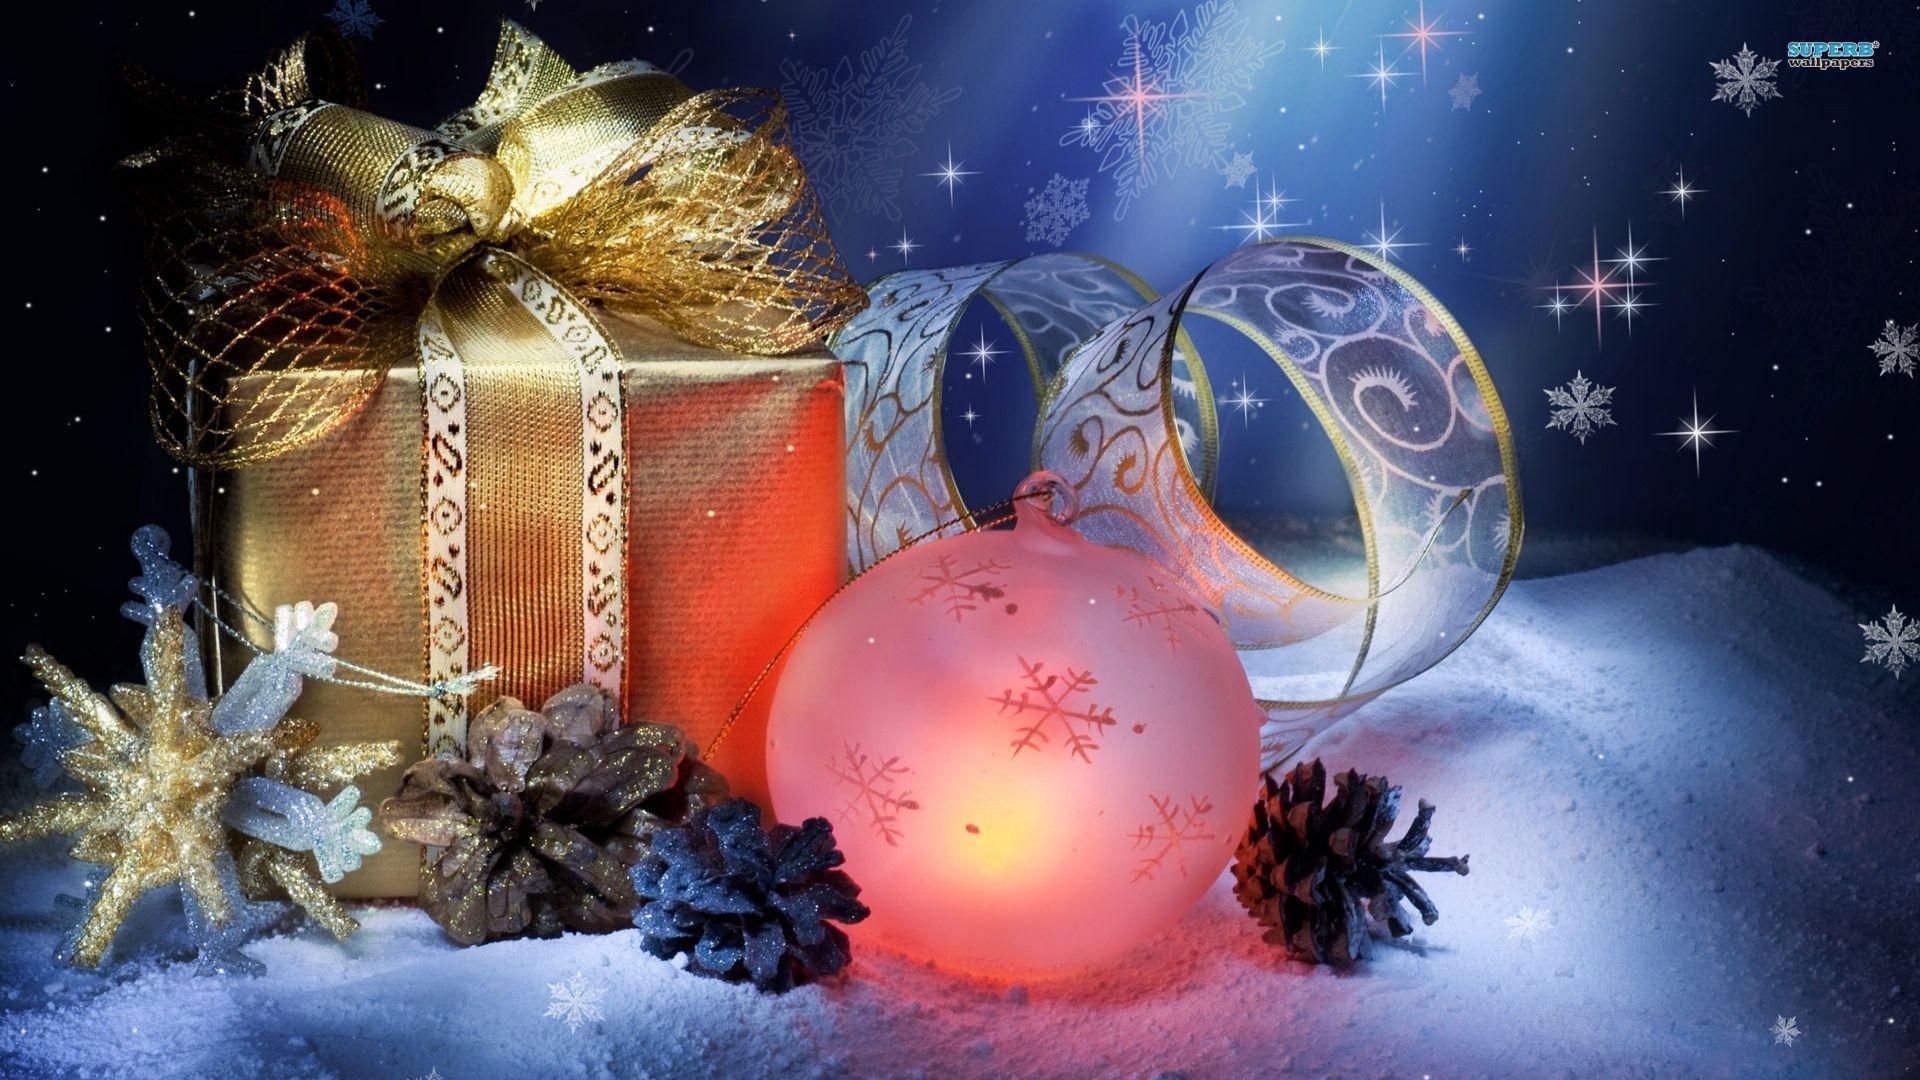 Christmas, Merry Christmas Pink Christmas globe wallpaper - 845206